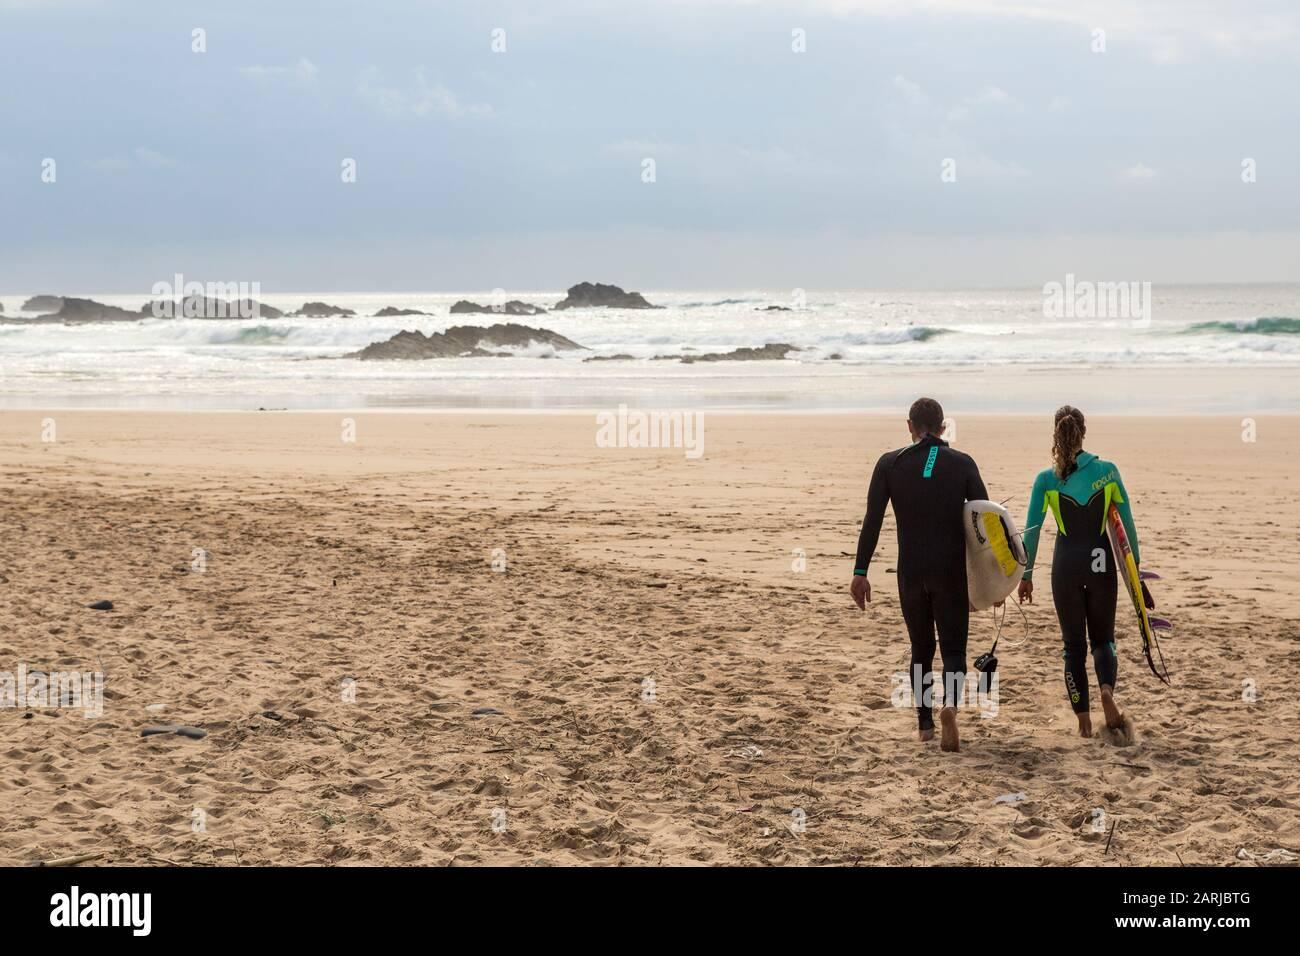 Surfing, Praia do Castelejo, Algarve, Portugal Stock Photo